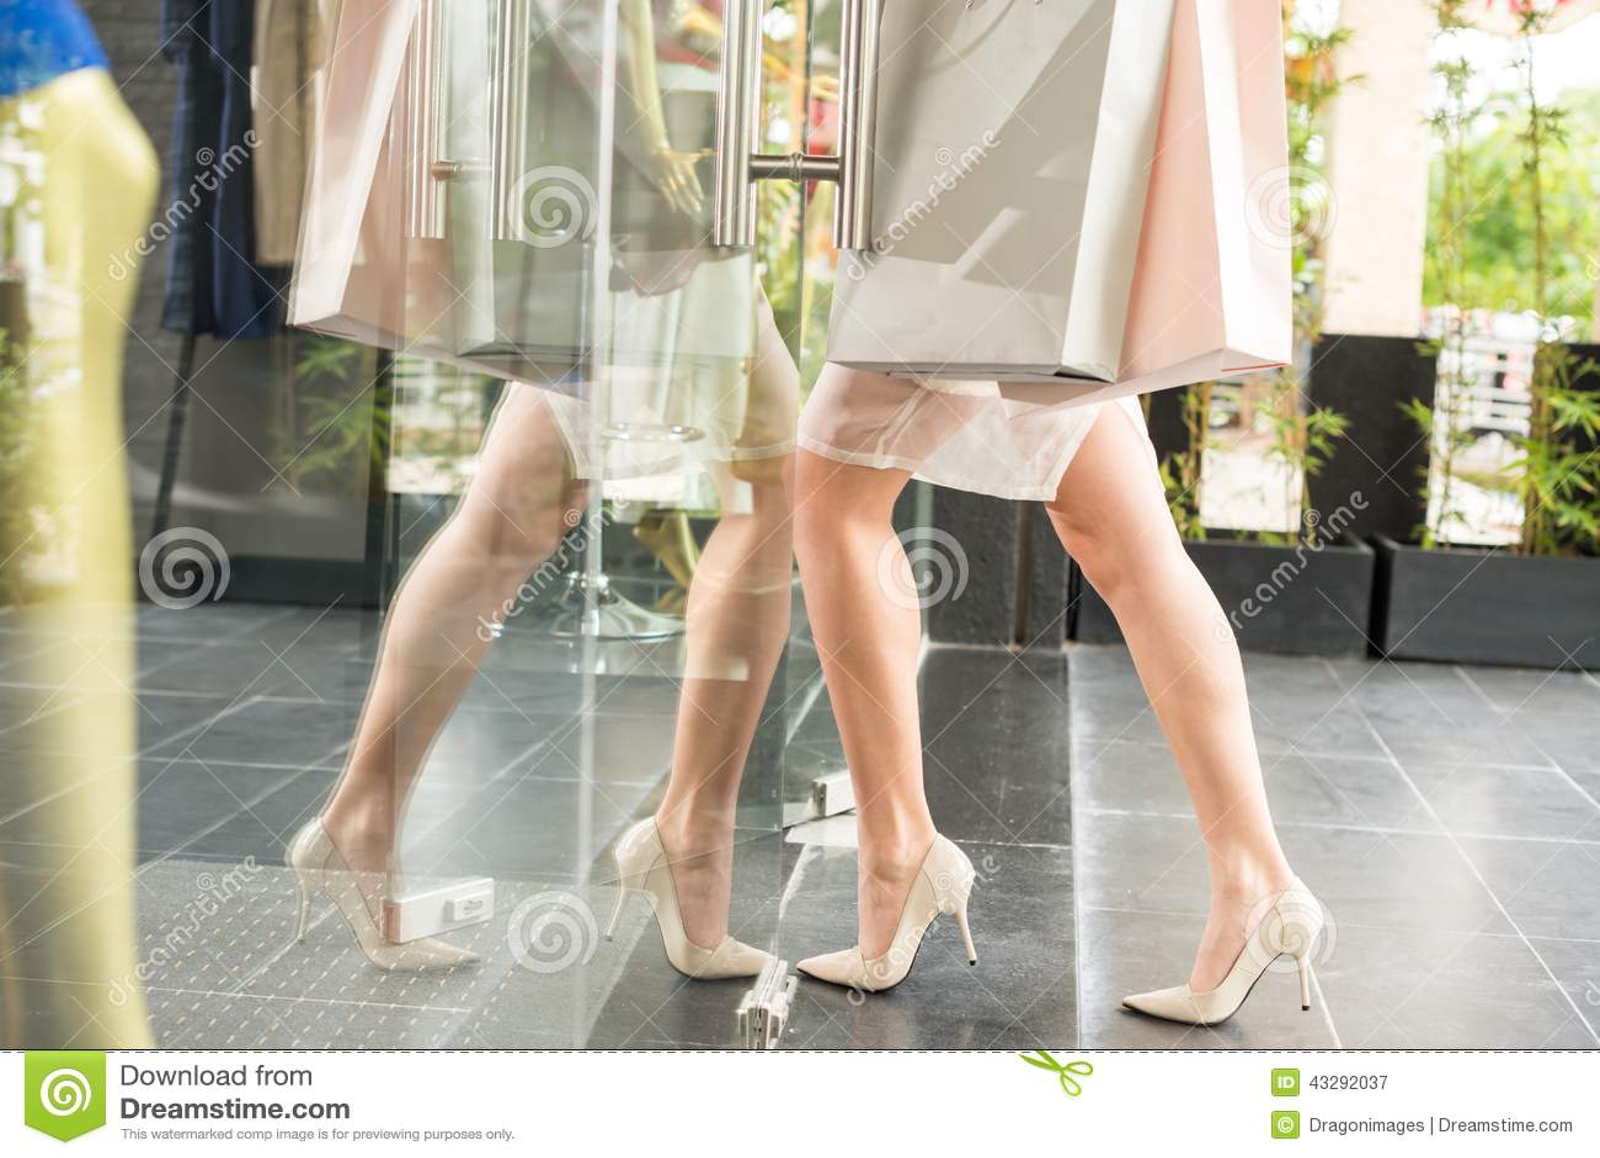 Betreten des Shops